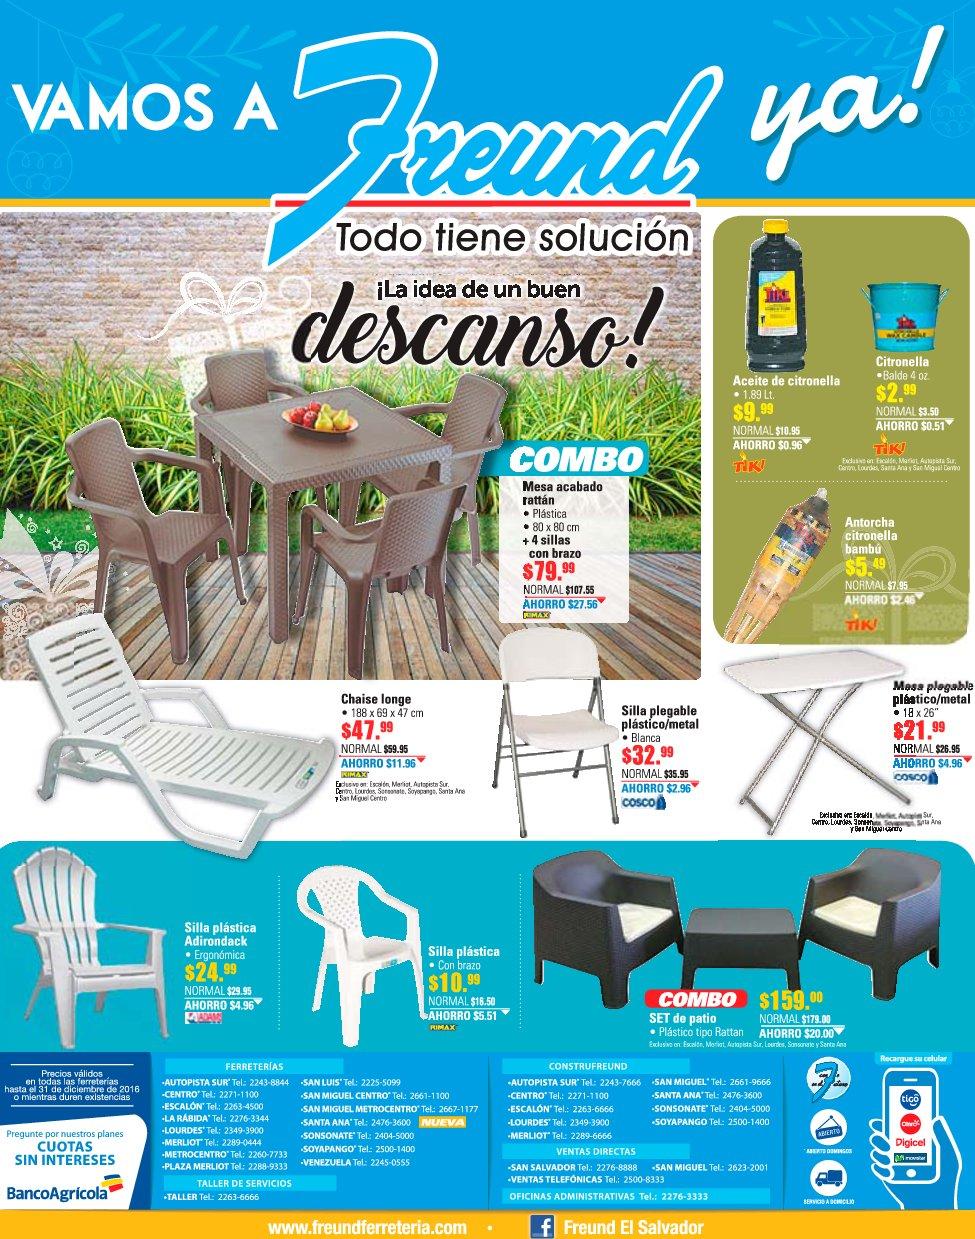 Muebles para tu terraza o jardin con freund el salvador for Ofertas muebles de terraza